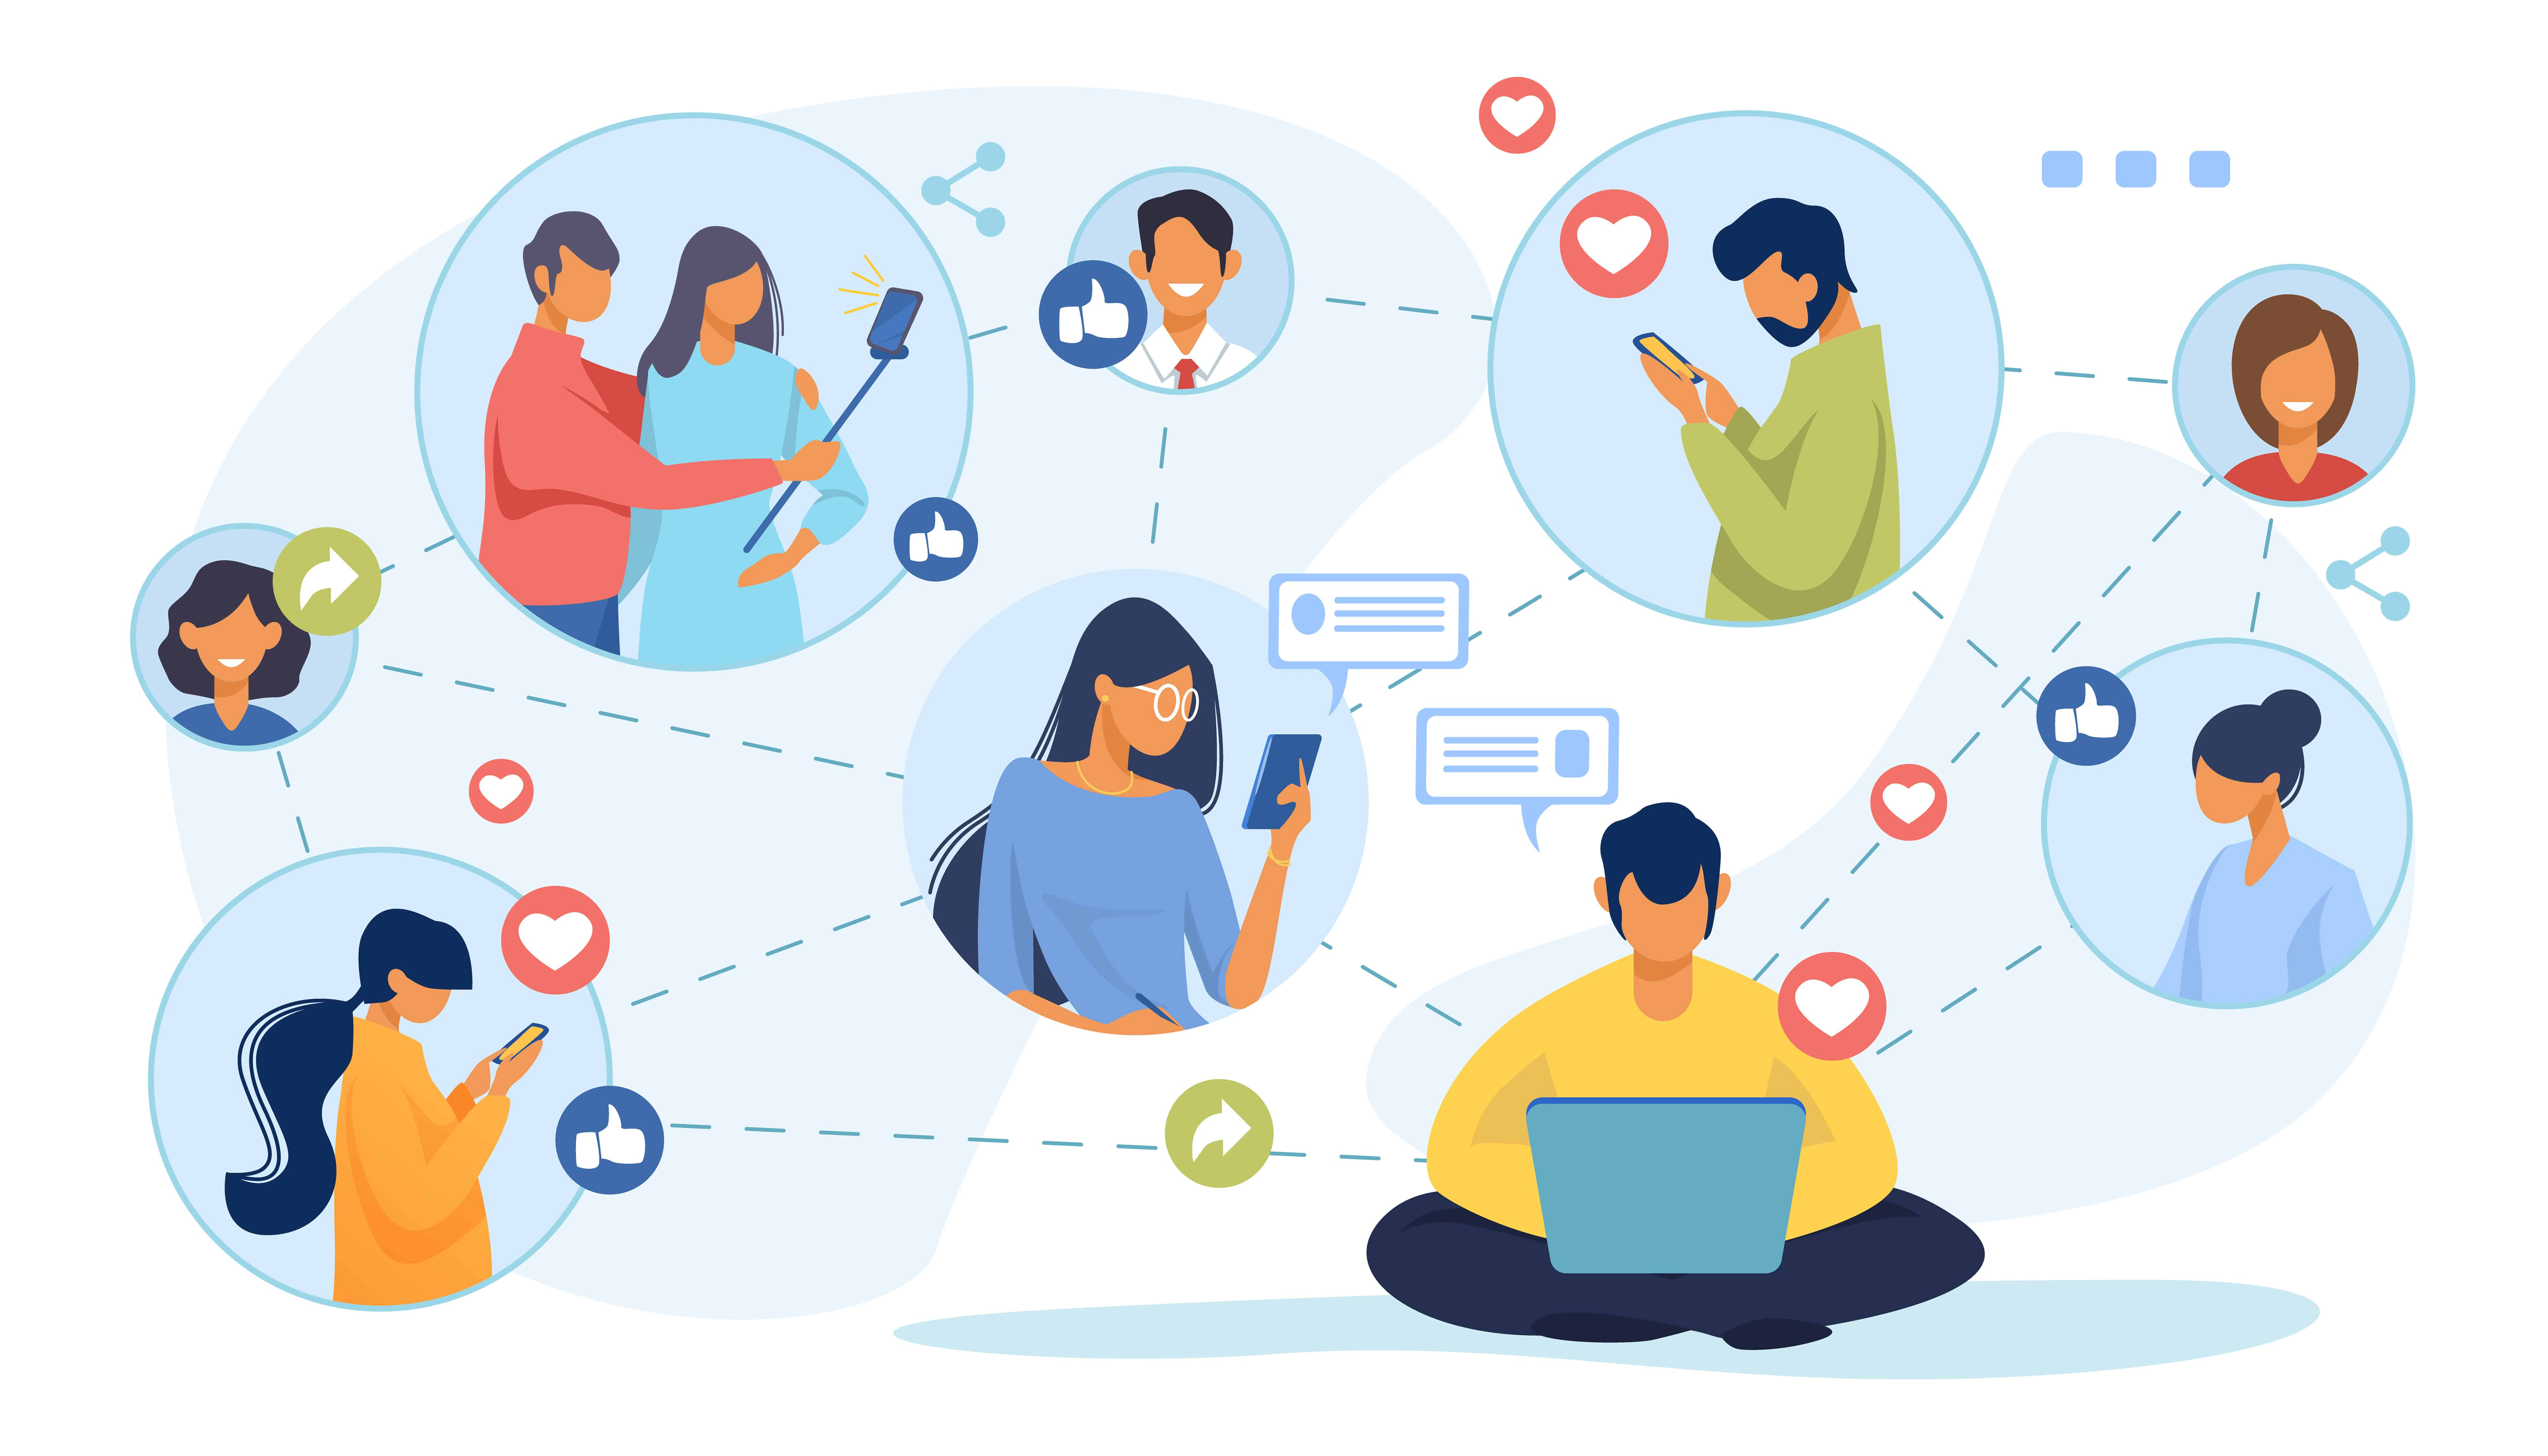 Zes tools om zakelijke social media accounts te beheren - Invalshoek